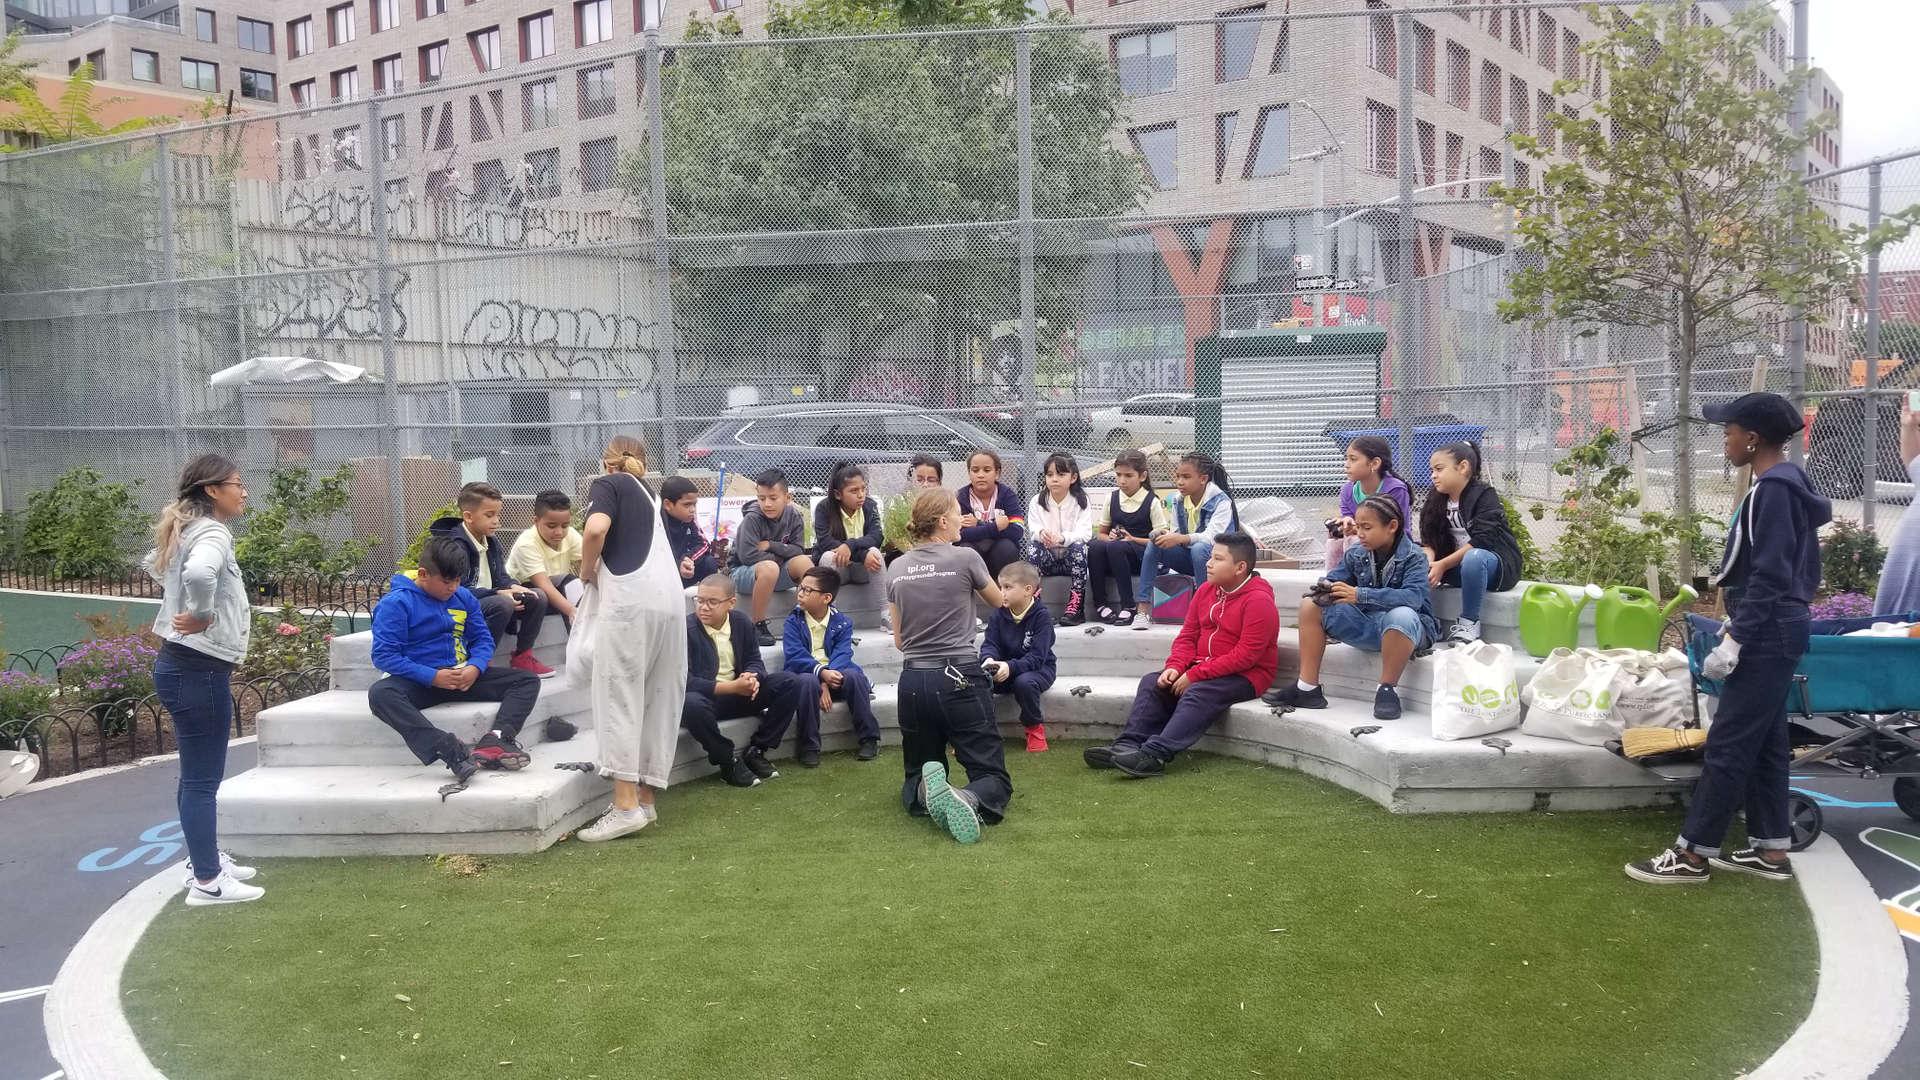 Students sitting on playground's amphitheater